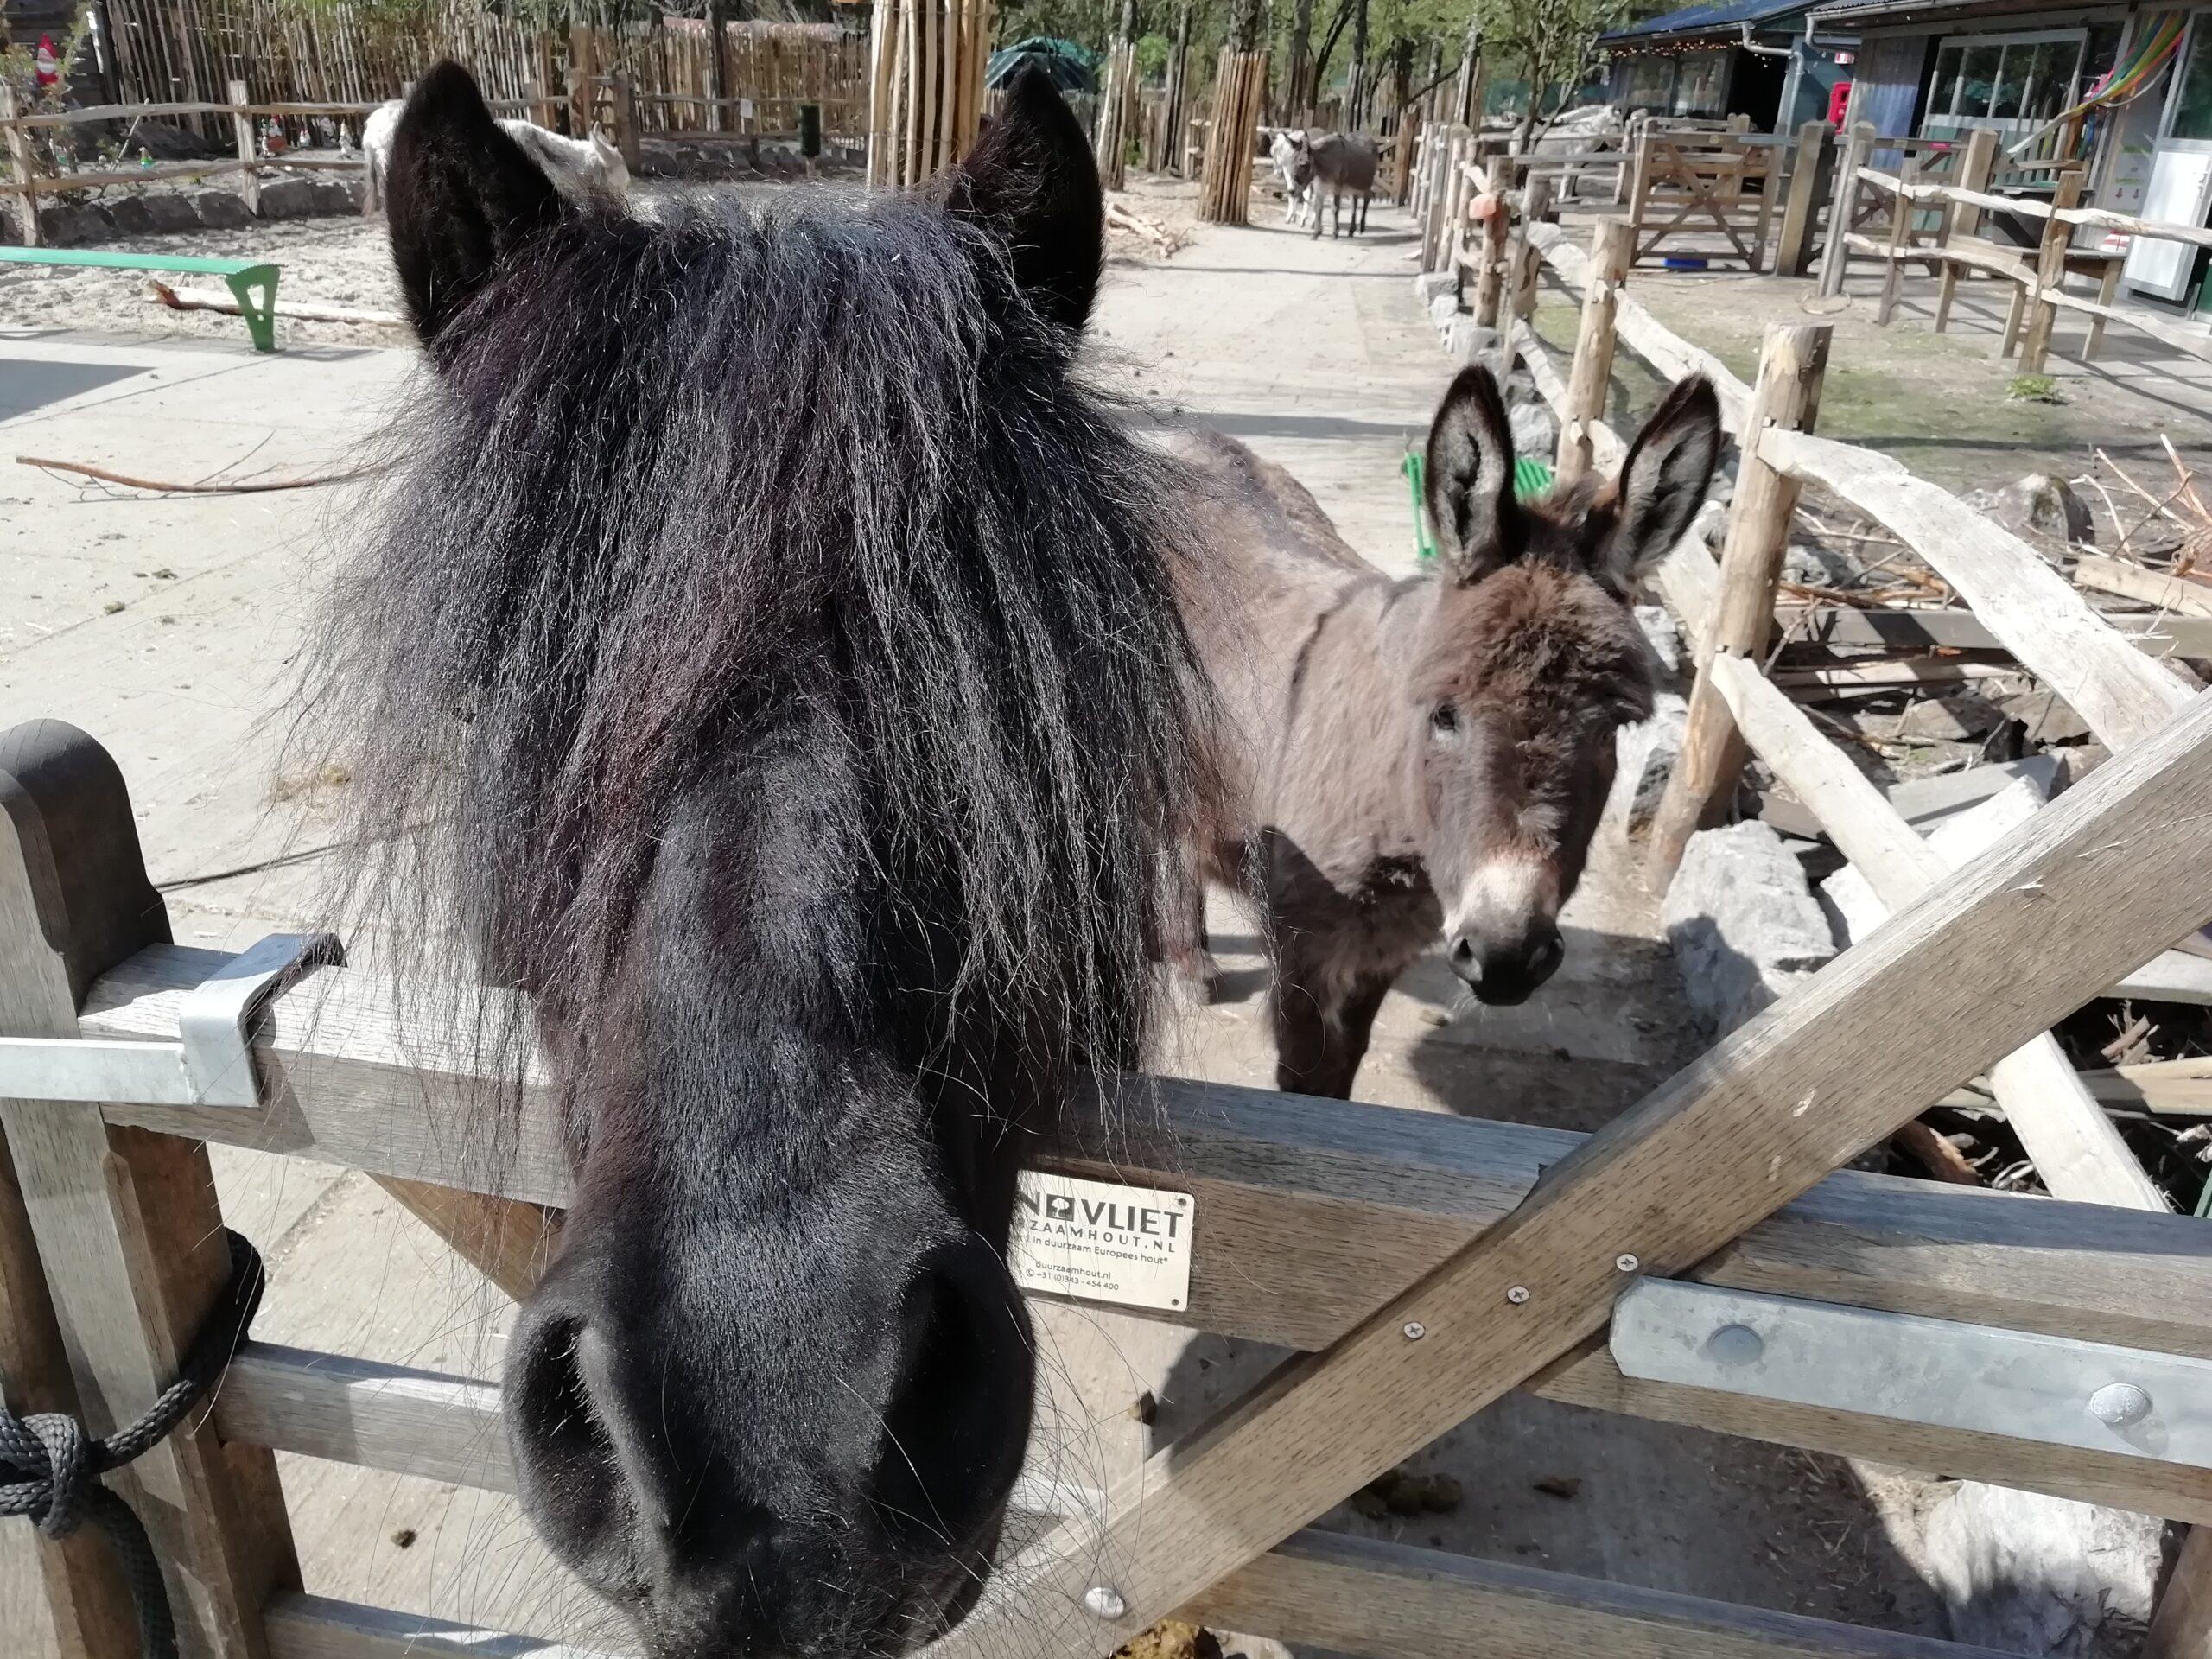 Johnny de pony met fan Rusty